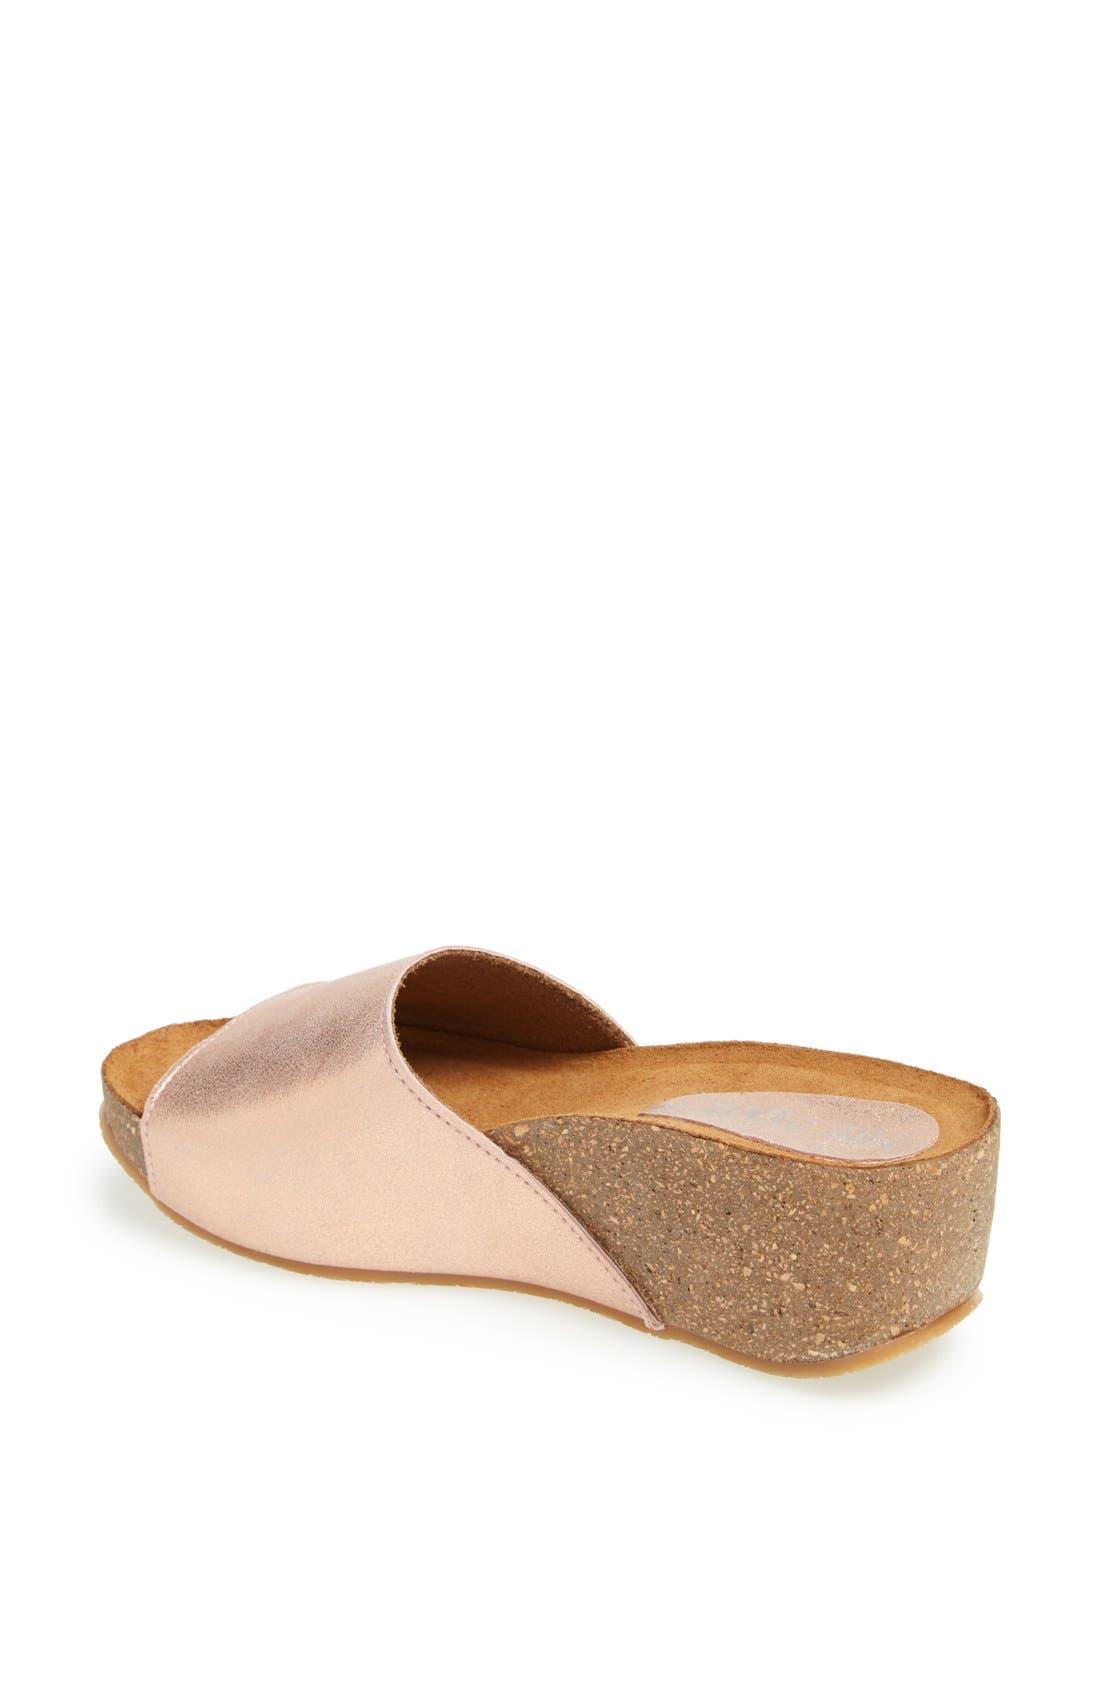 Alternate Image 2  - Miz Mooz 'Enid' Slide Sandal